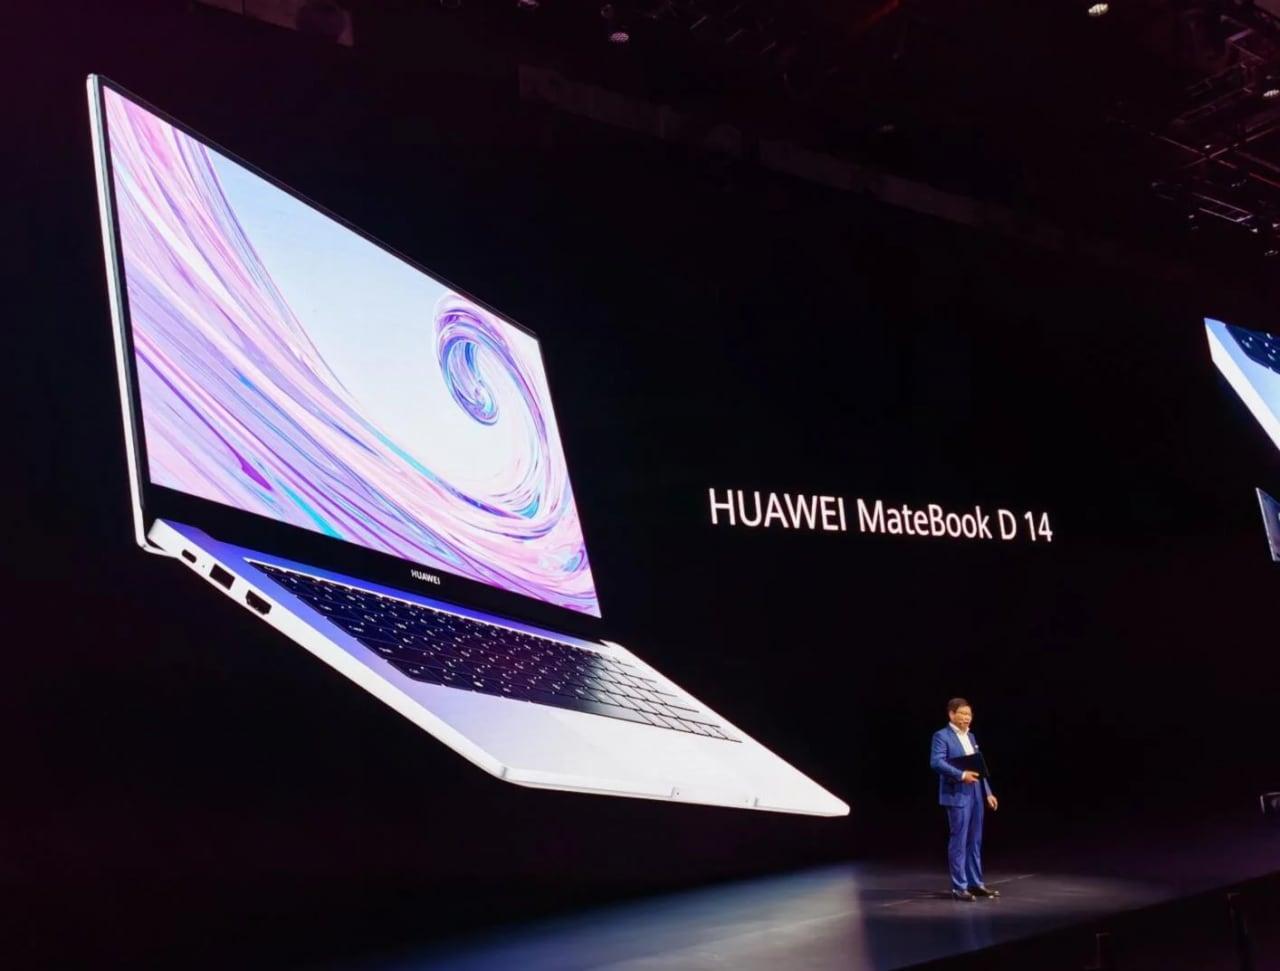 Huawei MateBook D 14 e 15 ufficiali: se siete indecisi tra Intel e AMD, loro vi danno entrambi (foto)